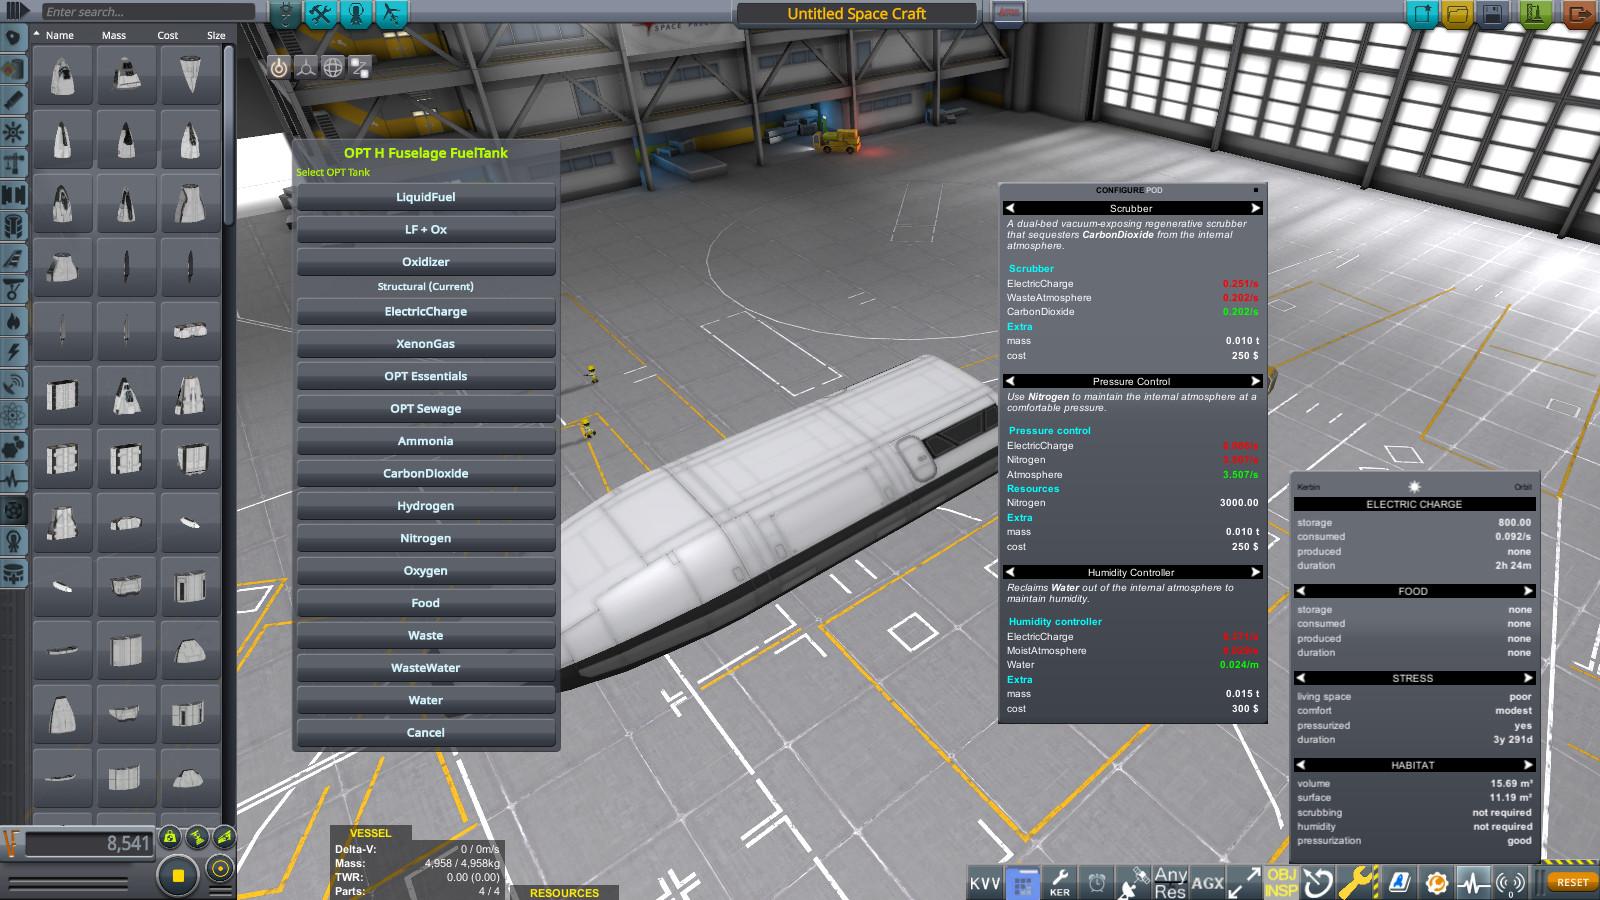 Honeyview_screenshot636.jpg